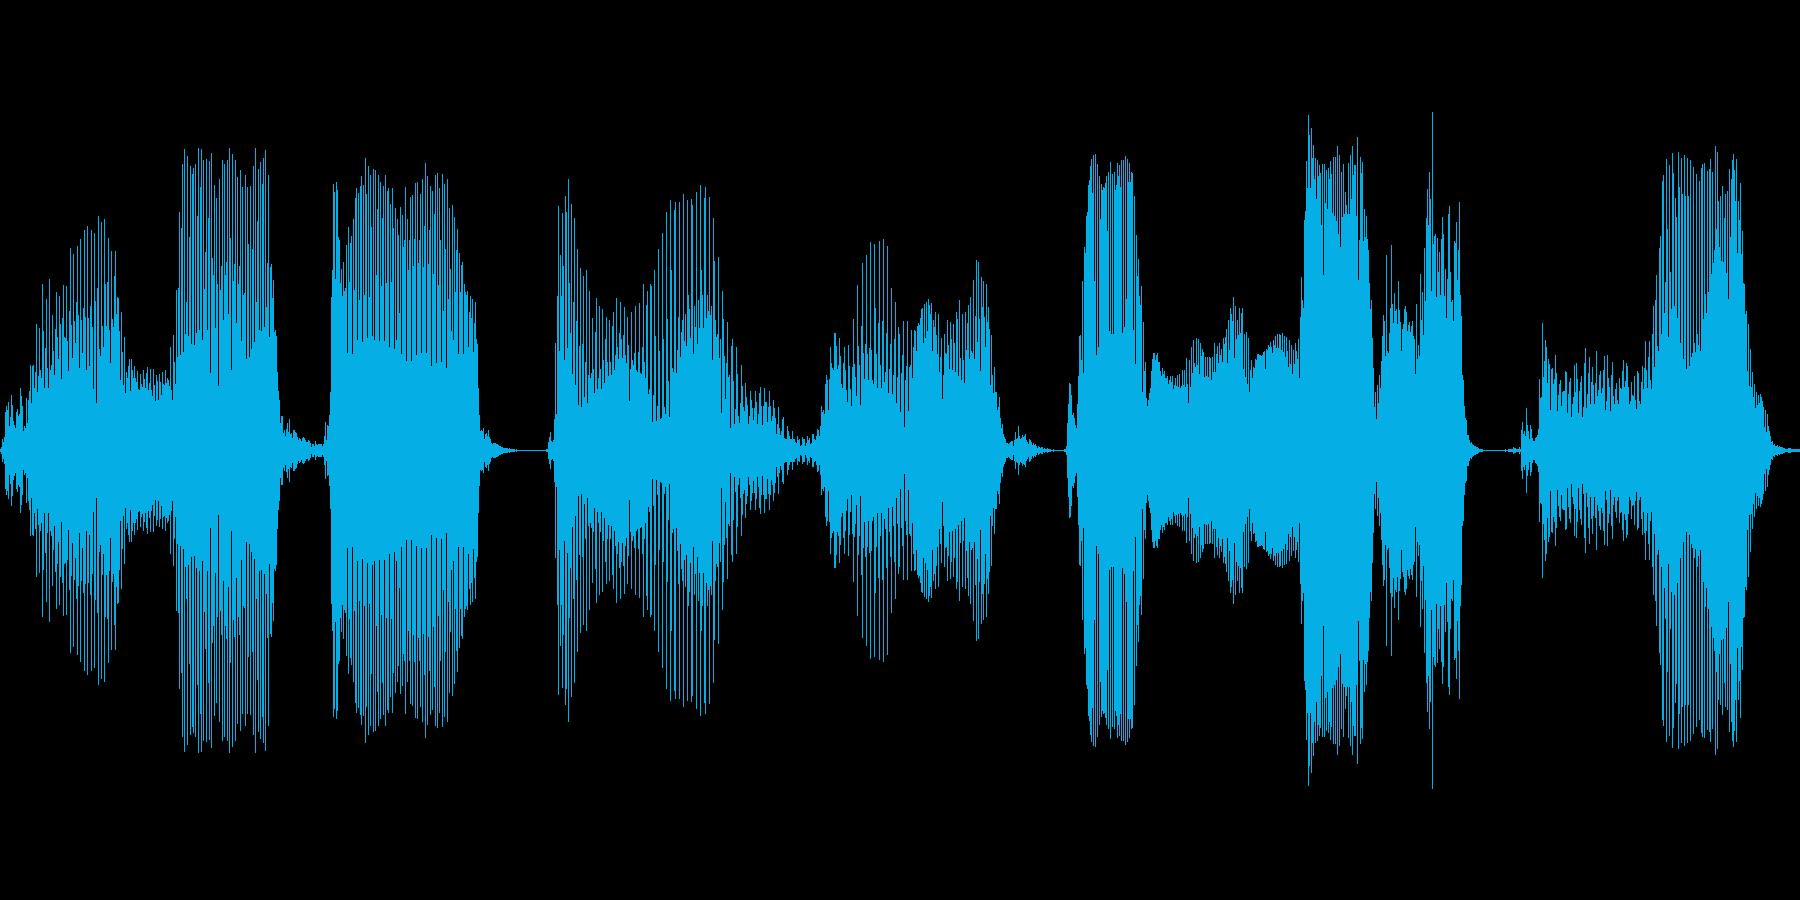 このデータを読み込みますか?の再生済みの波形